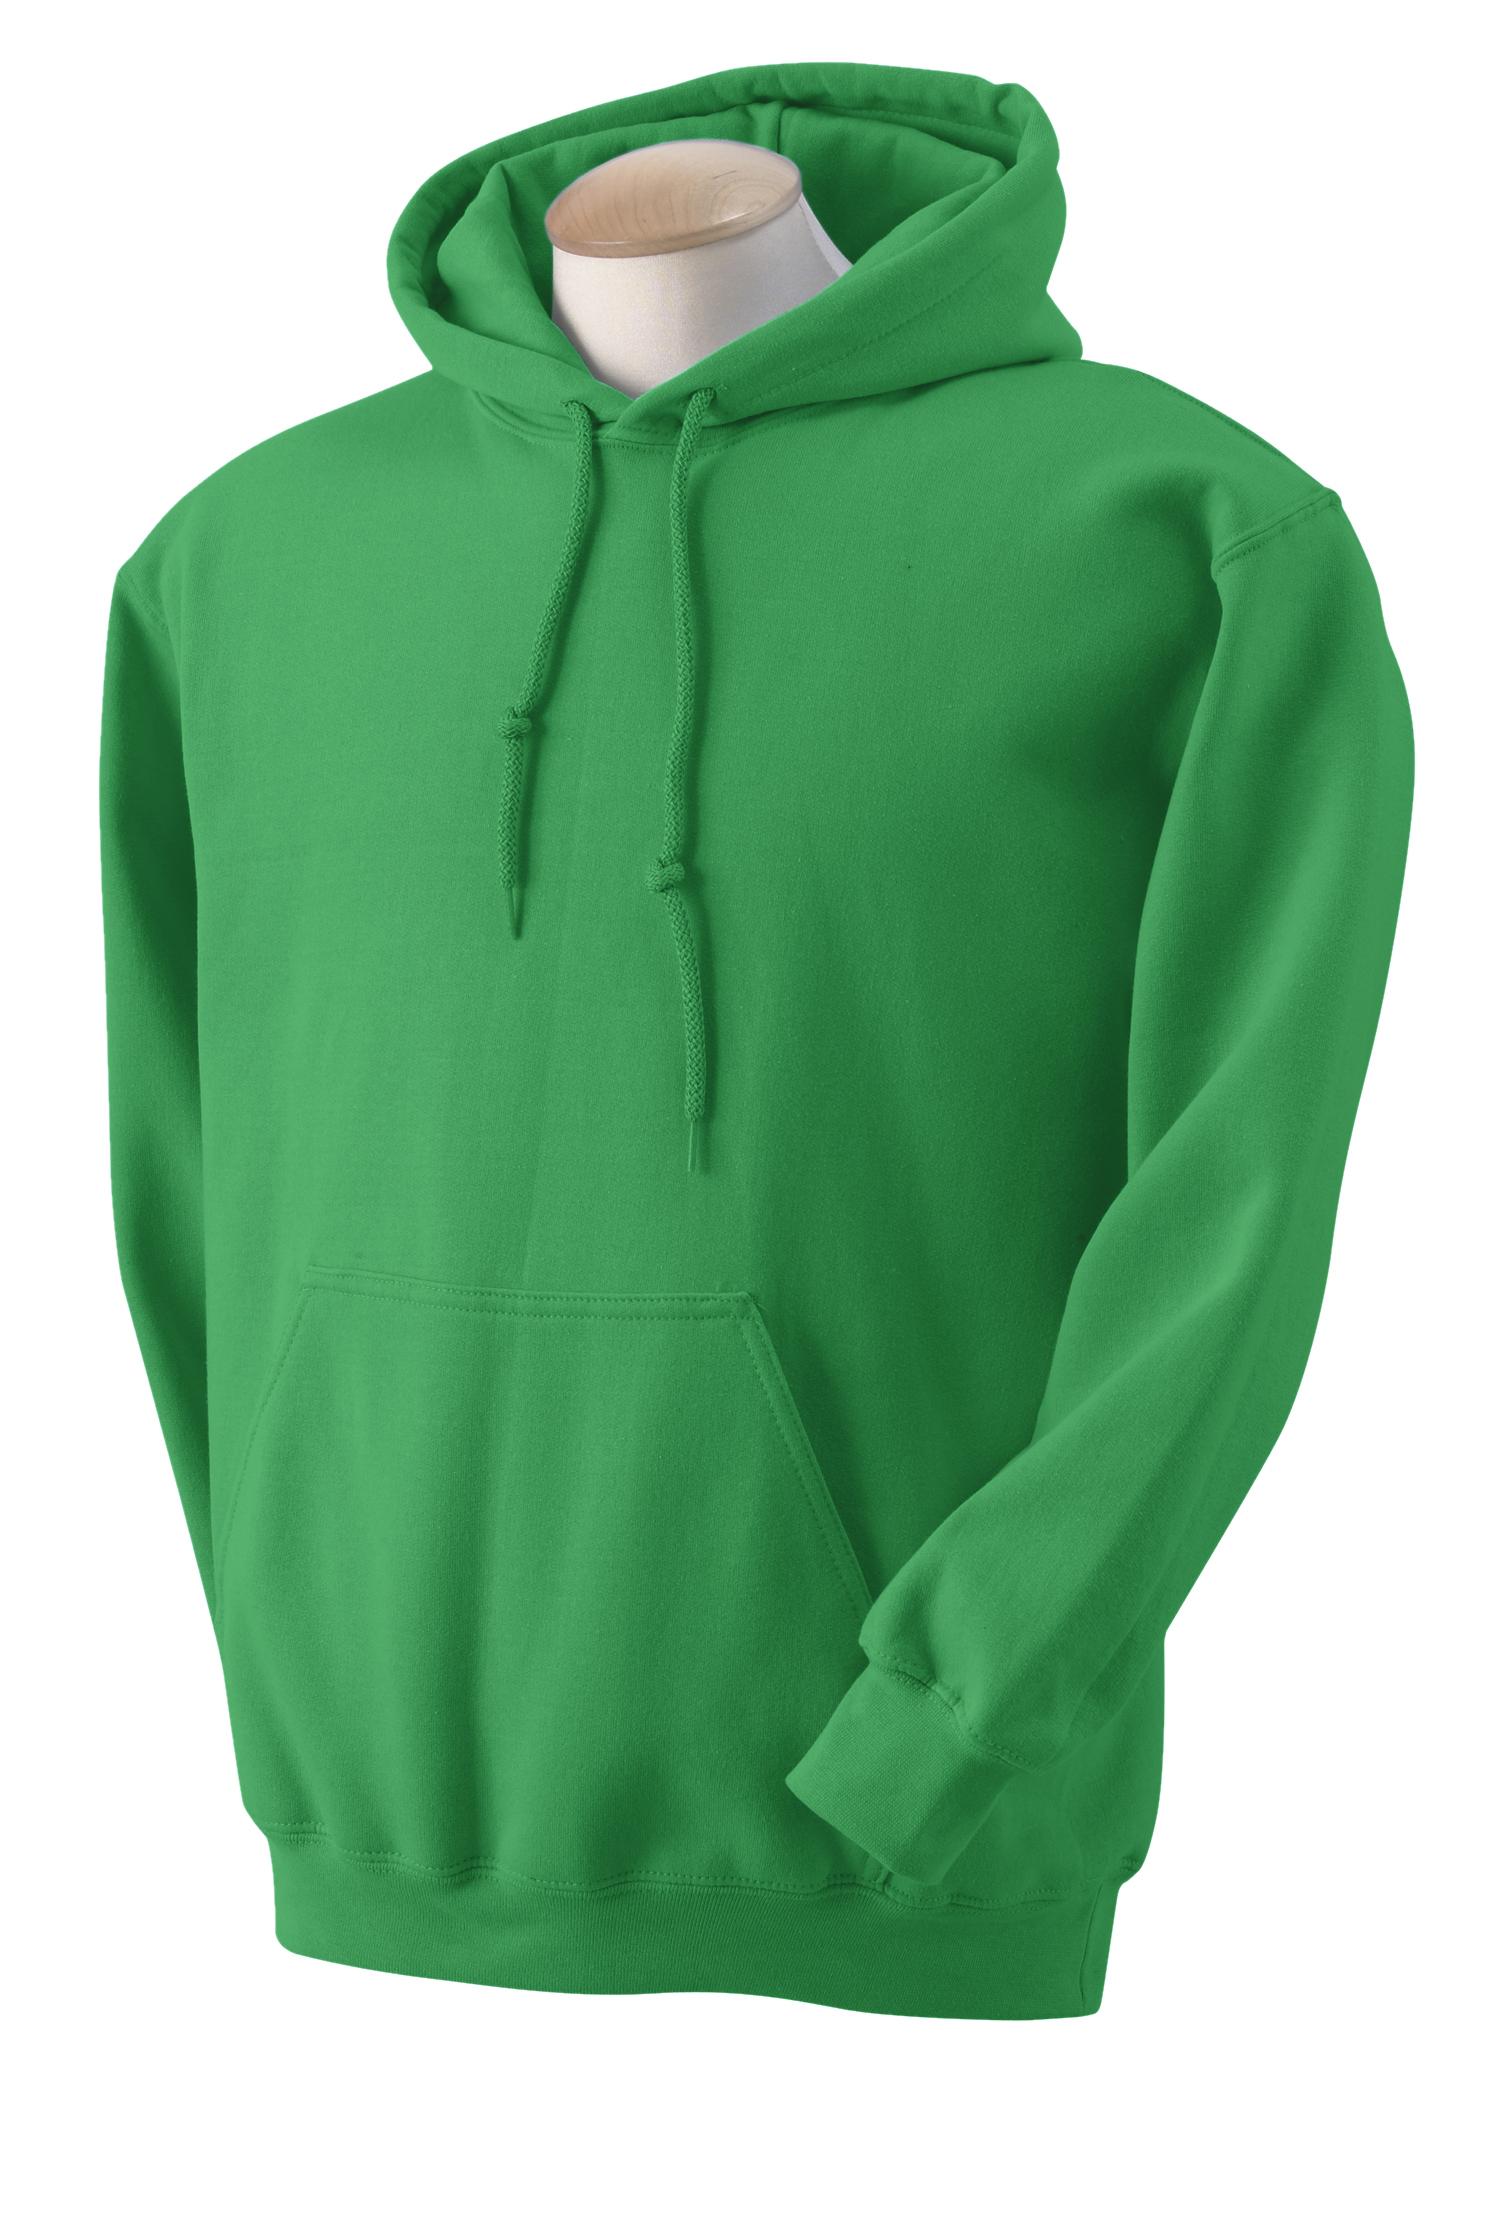 click to view IRISH GREEN